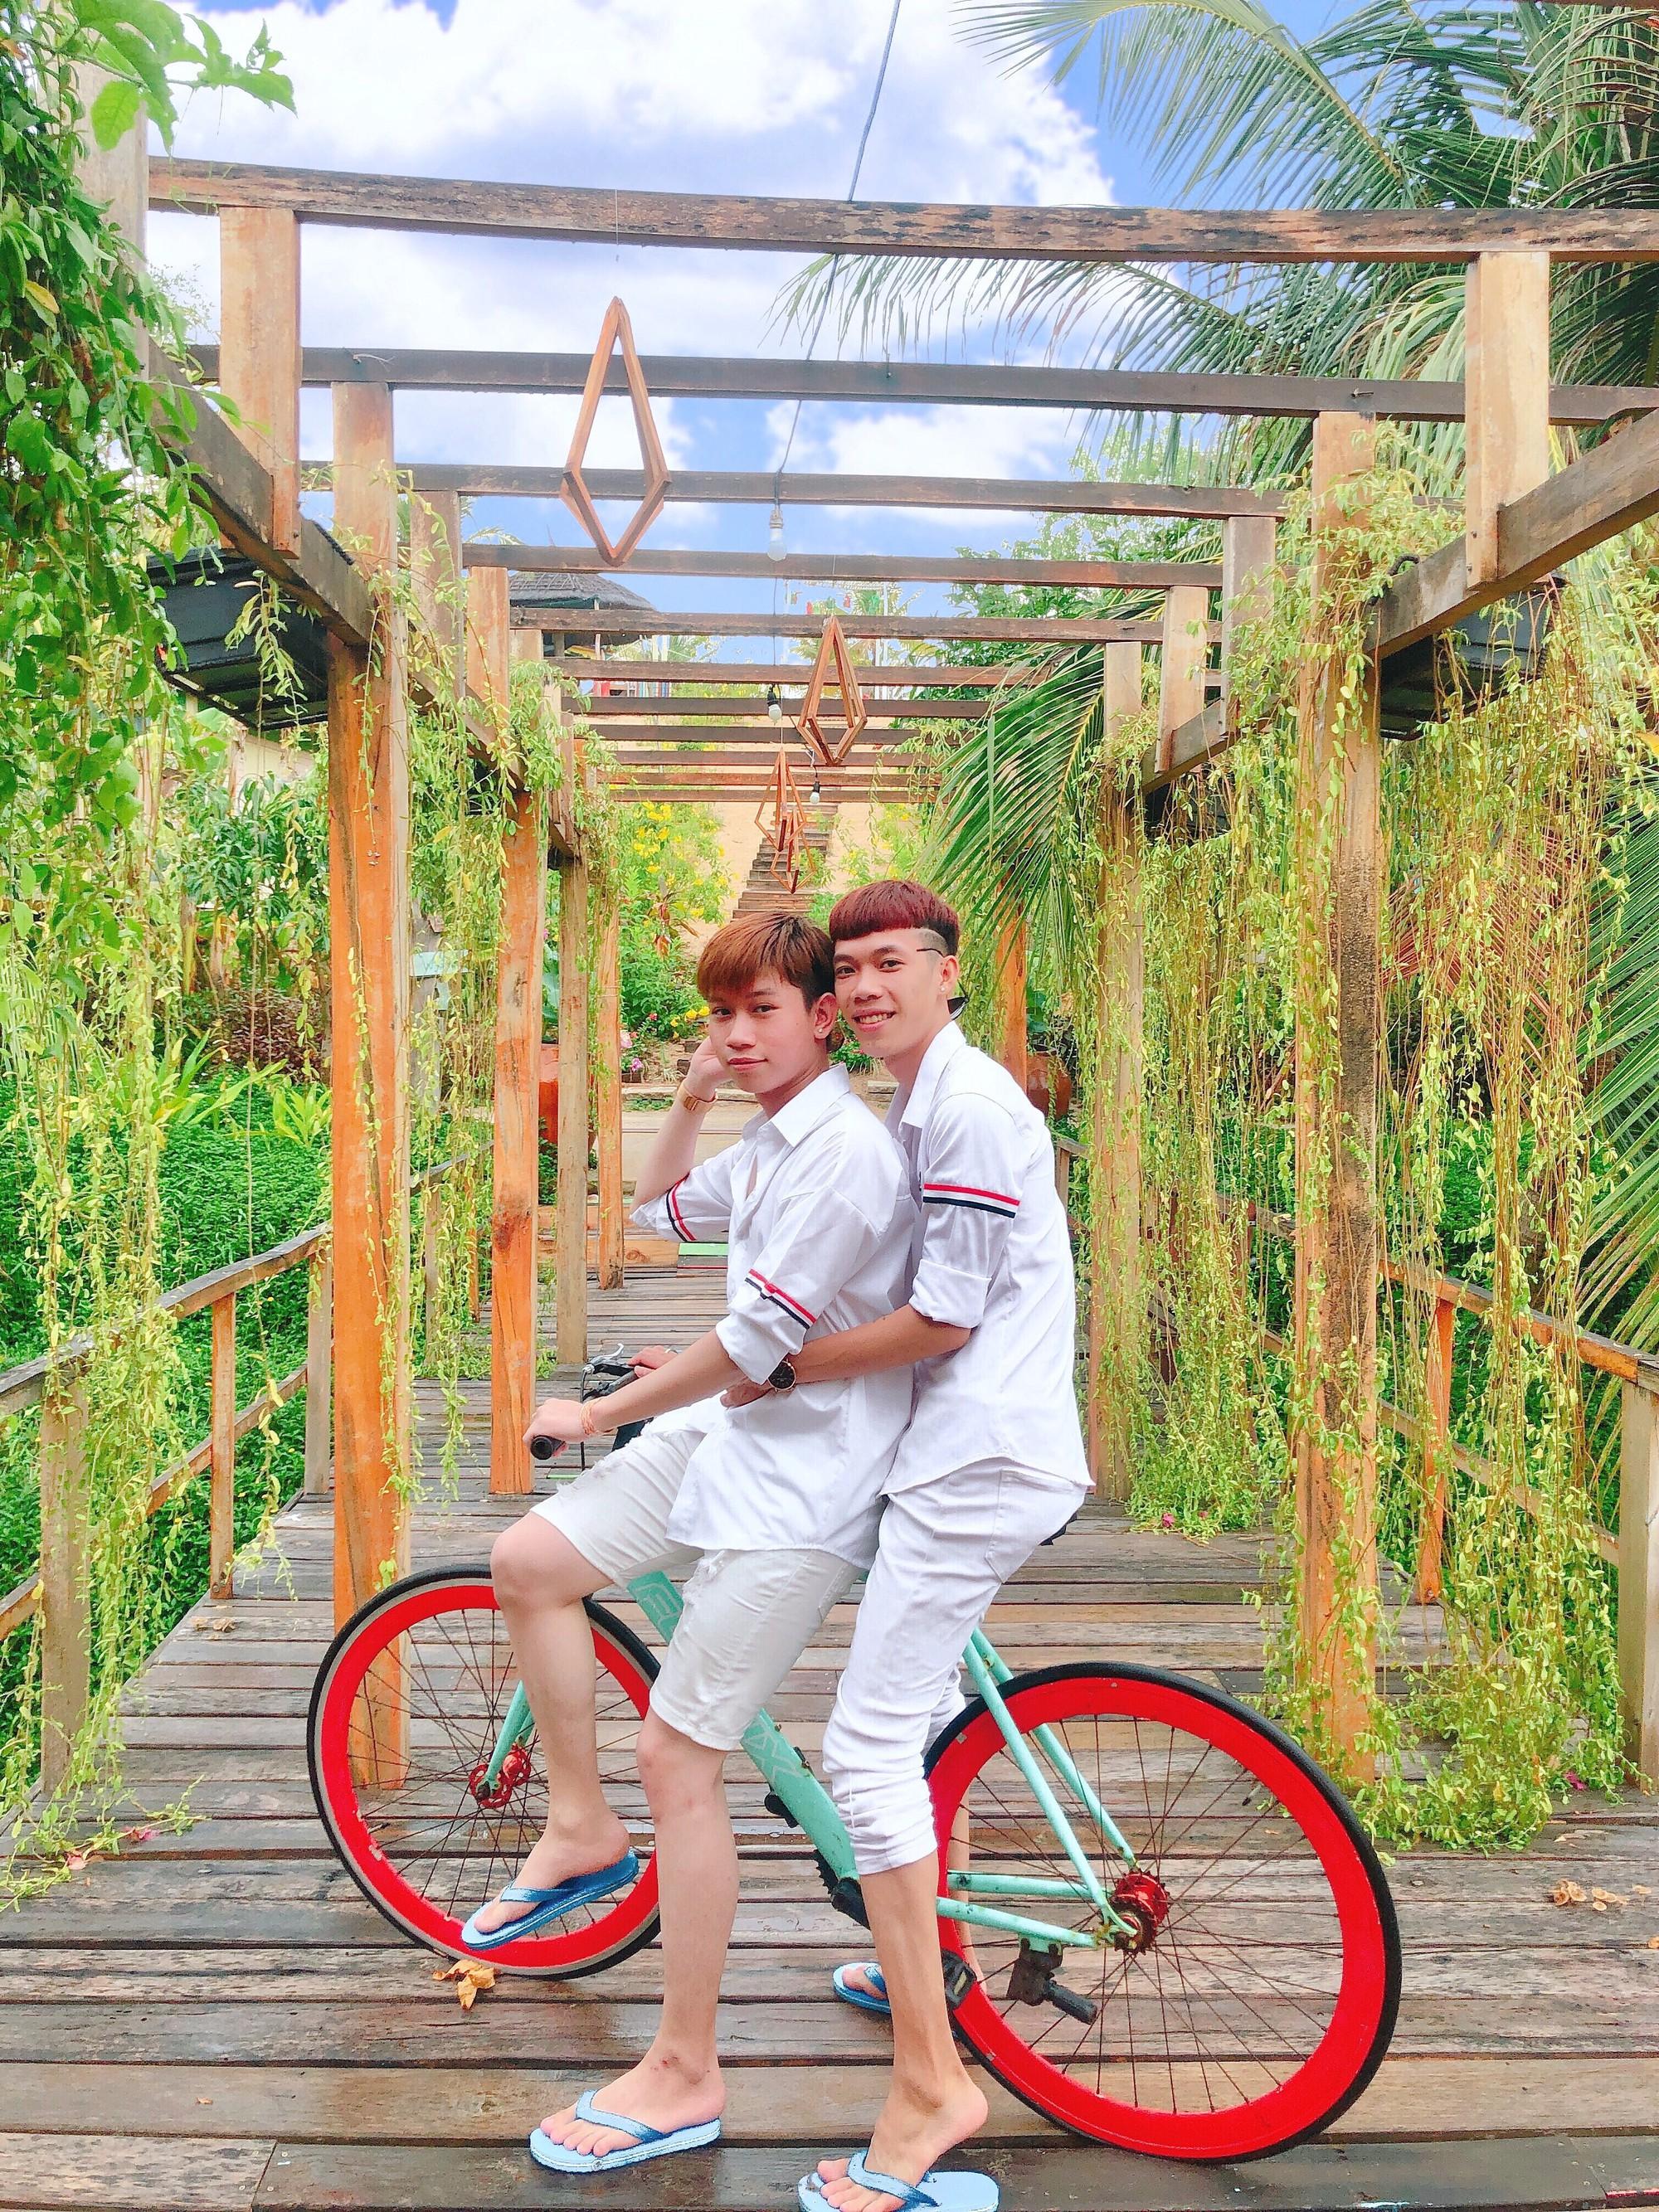 Cặp đôi đồng tính gây sốt với bộ ảnh đẹp như hoa cùng những khoảnh khắc ngọt ngào - Ảnh 4.